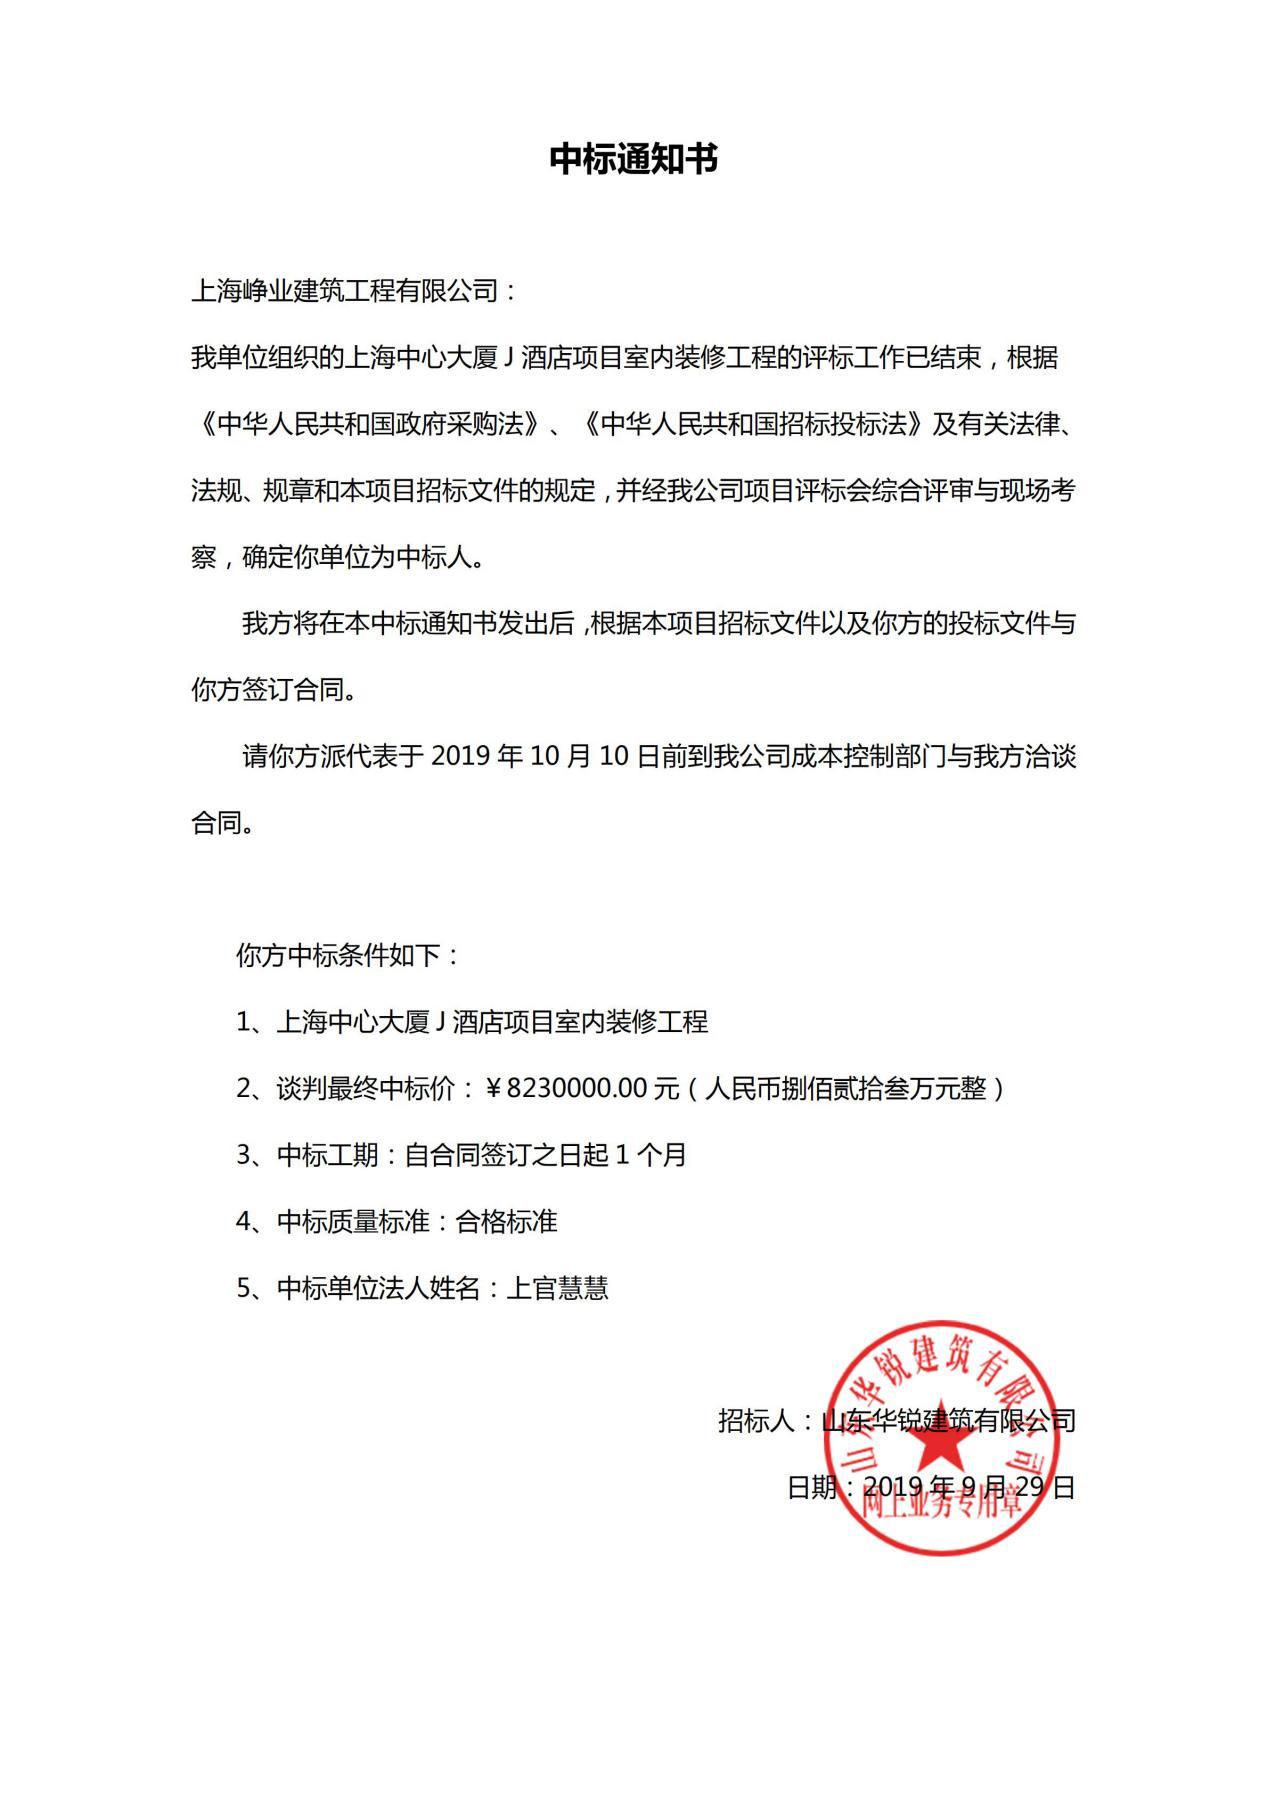 """上海峥业建筑工程有限公司中标""""上海中心大厦J酒店项目室内装修"""""""